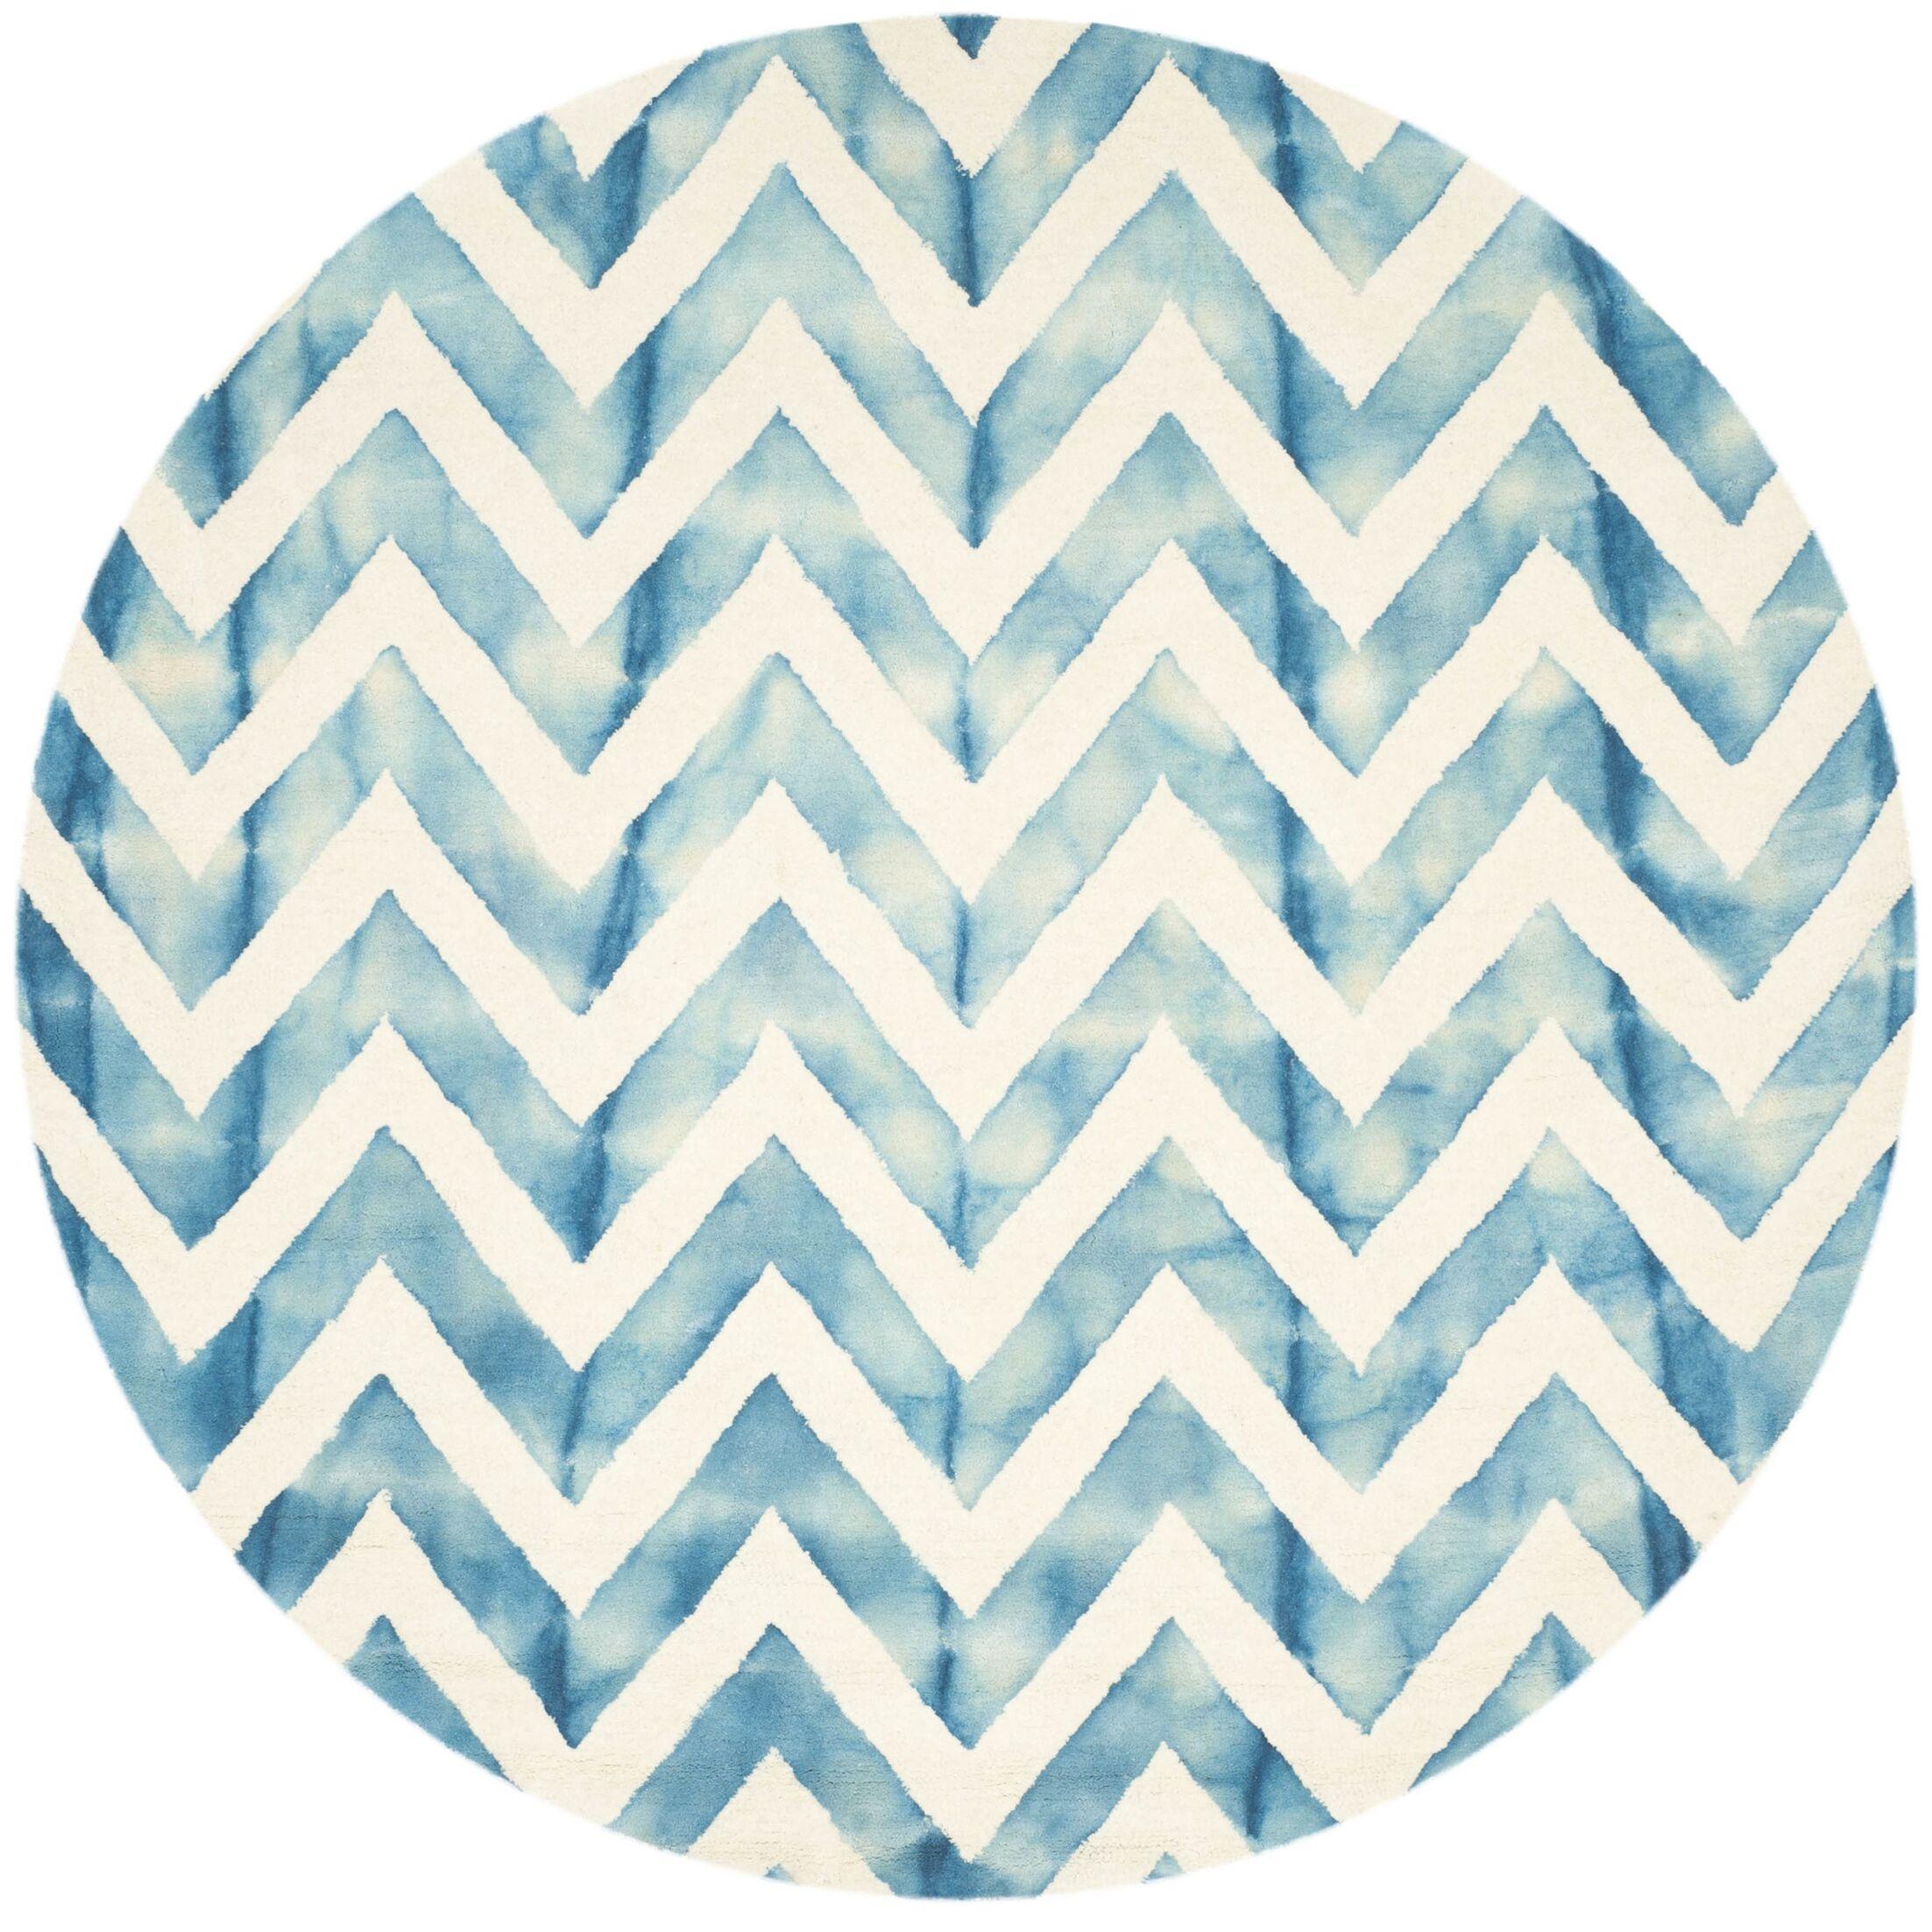 Crux Ivory/Turquoise Area Rug Rug Size: Round 7'